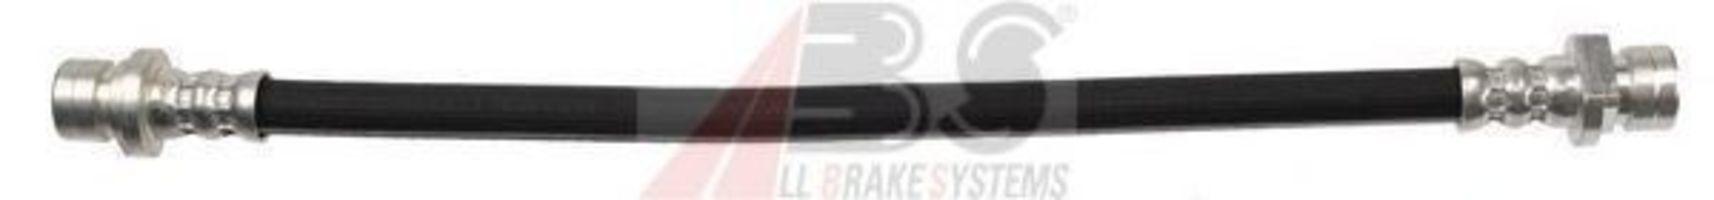 Шланг тормозной A.B.S. SL 5222